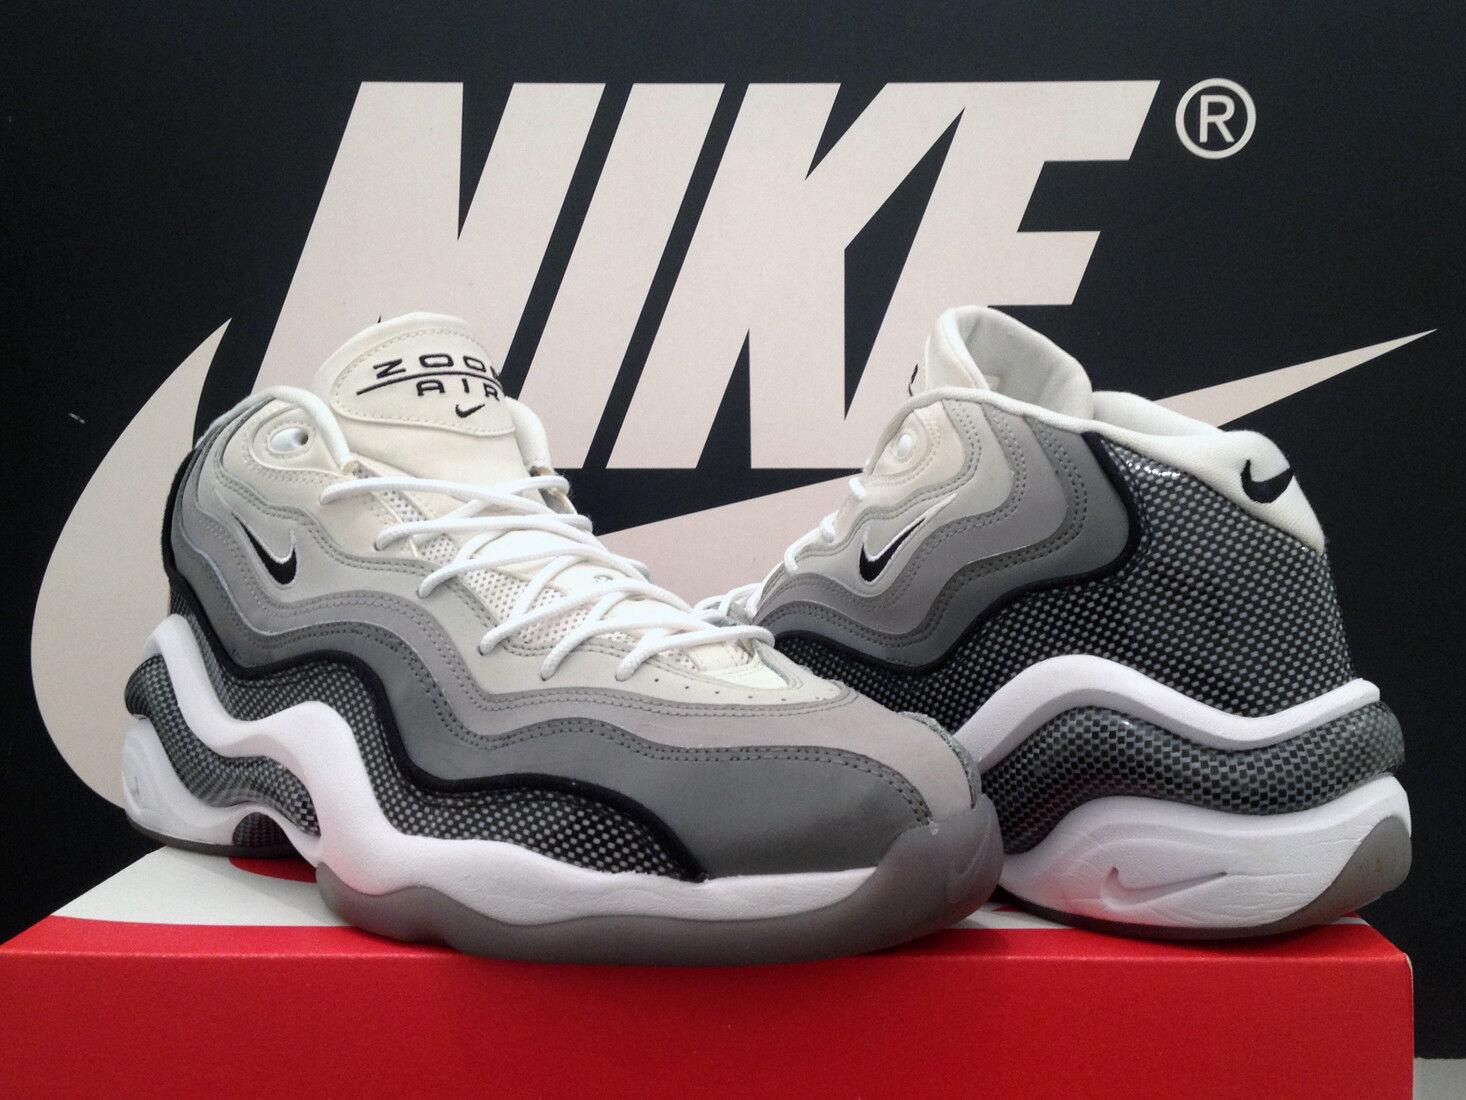 Nike air max 1 premio 93 uomini di scarpe da ginnastica nuove clay logo verde 875844-300